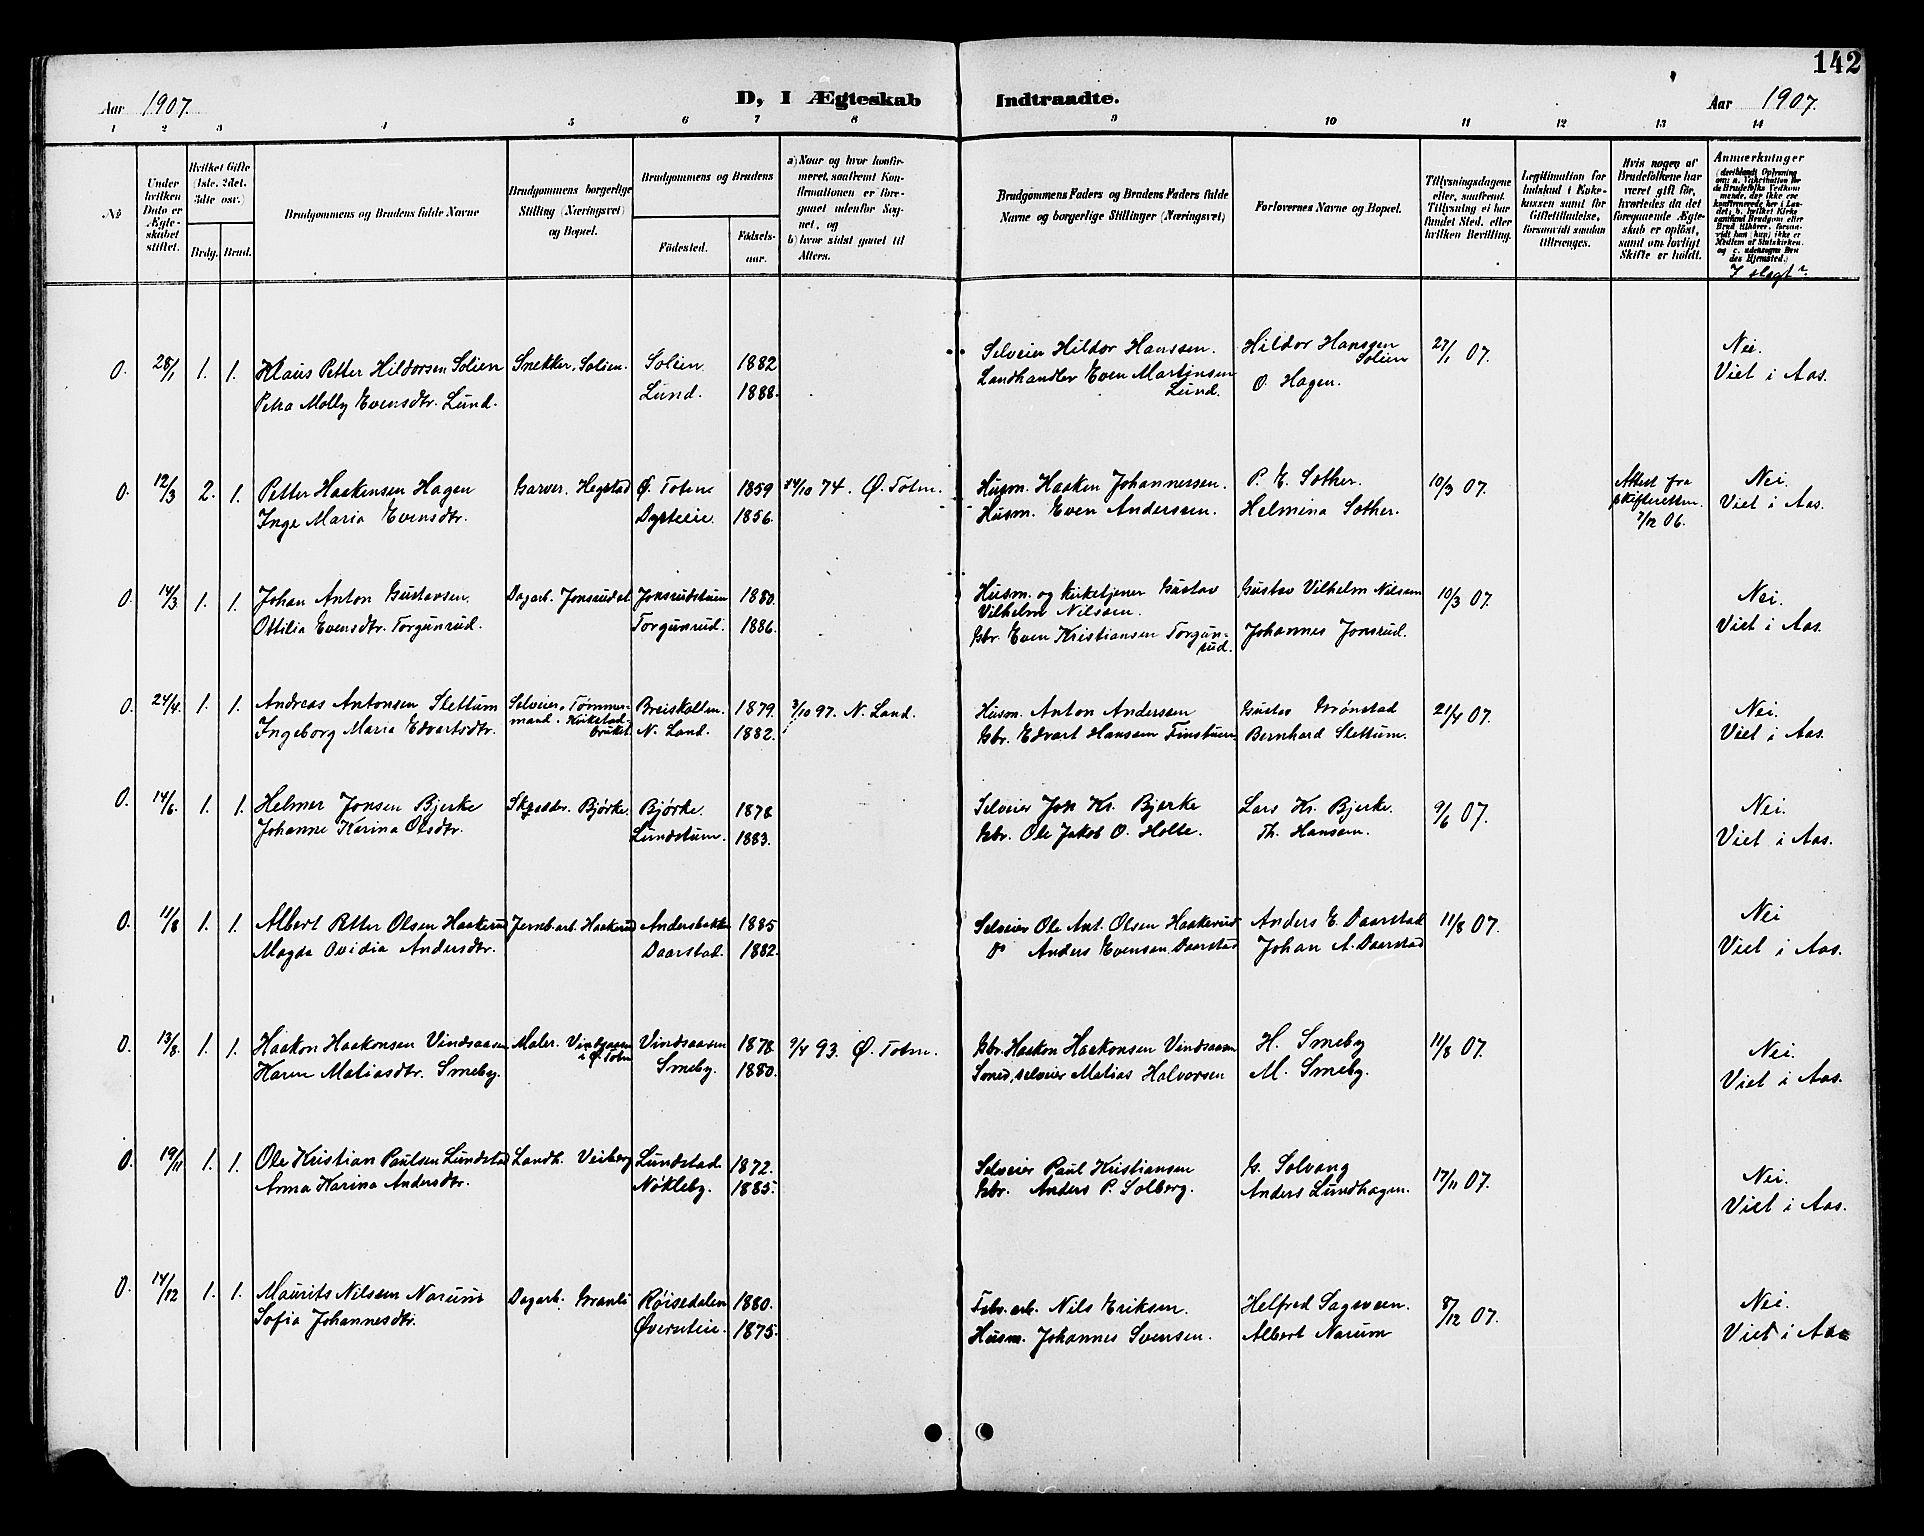 SAH, Vestre Toten prestekontor, Klokkerbok nr. 11, 1901-1911, s. 142